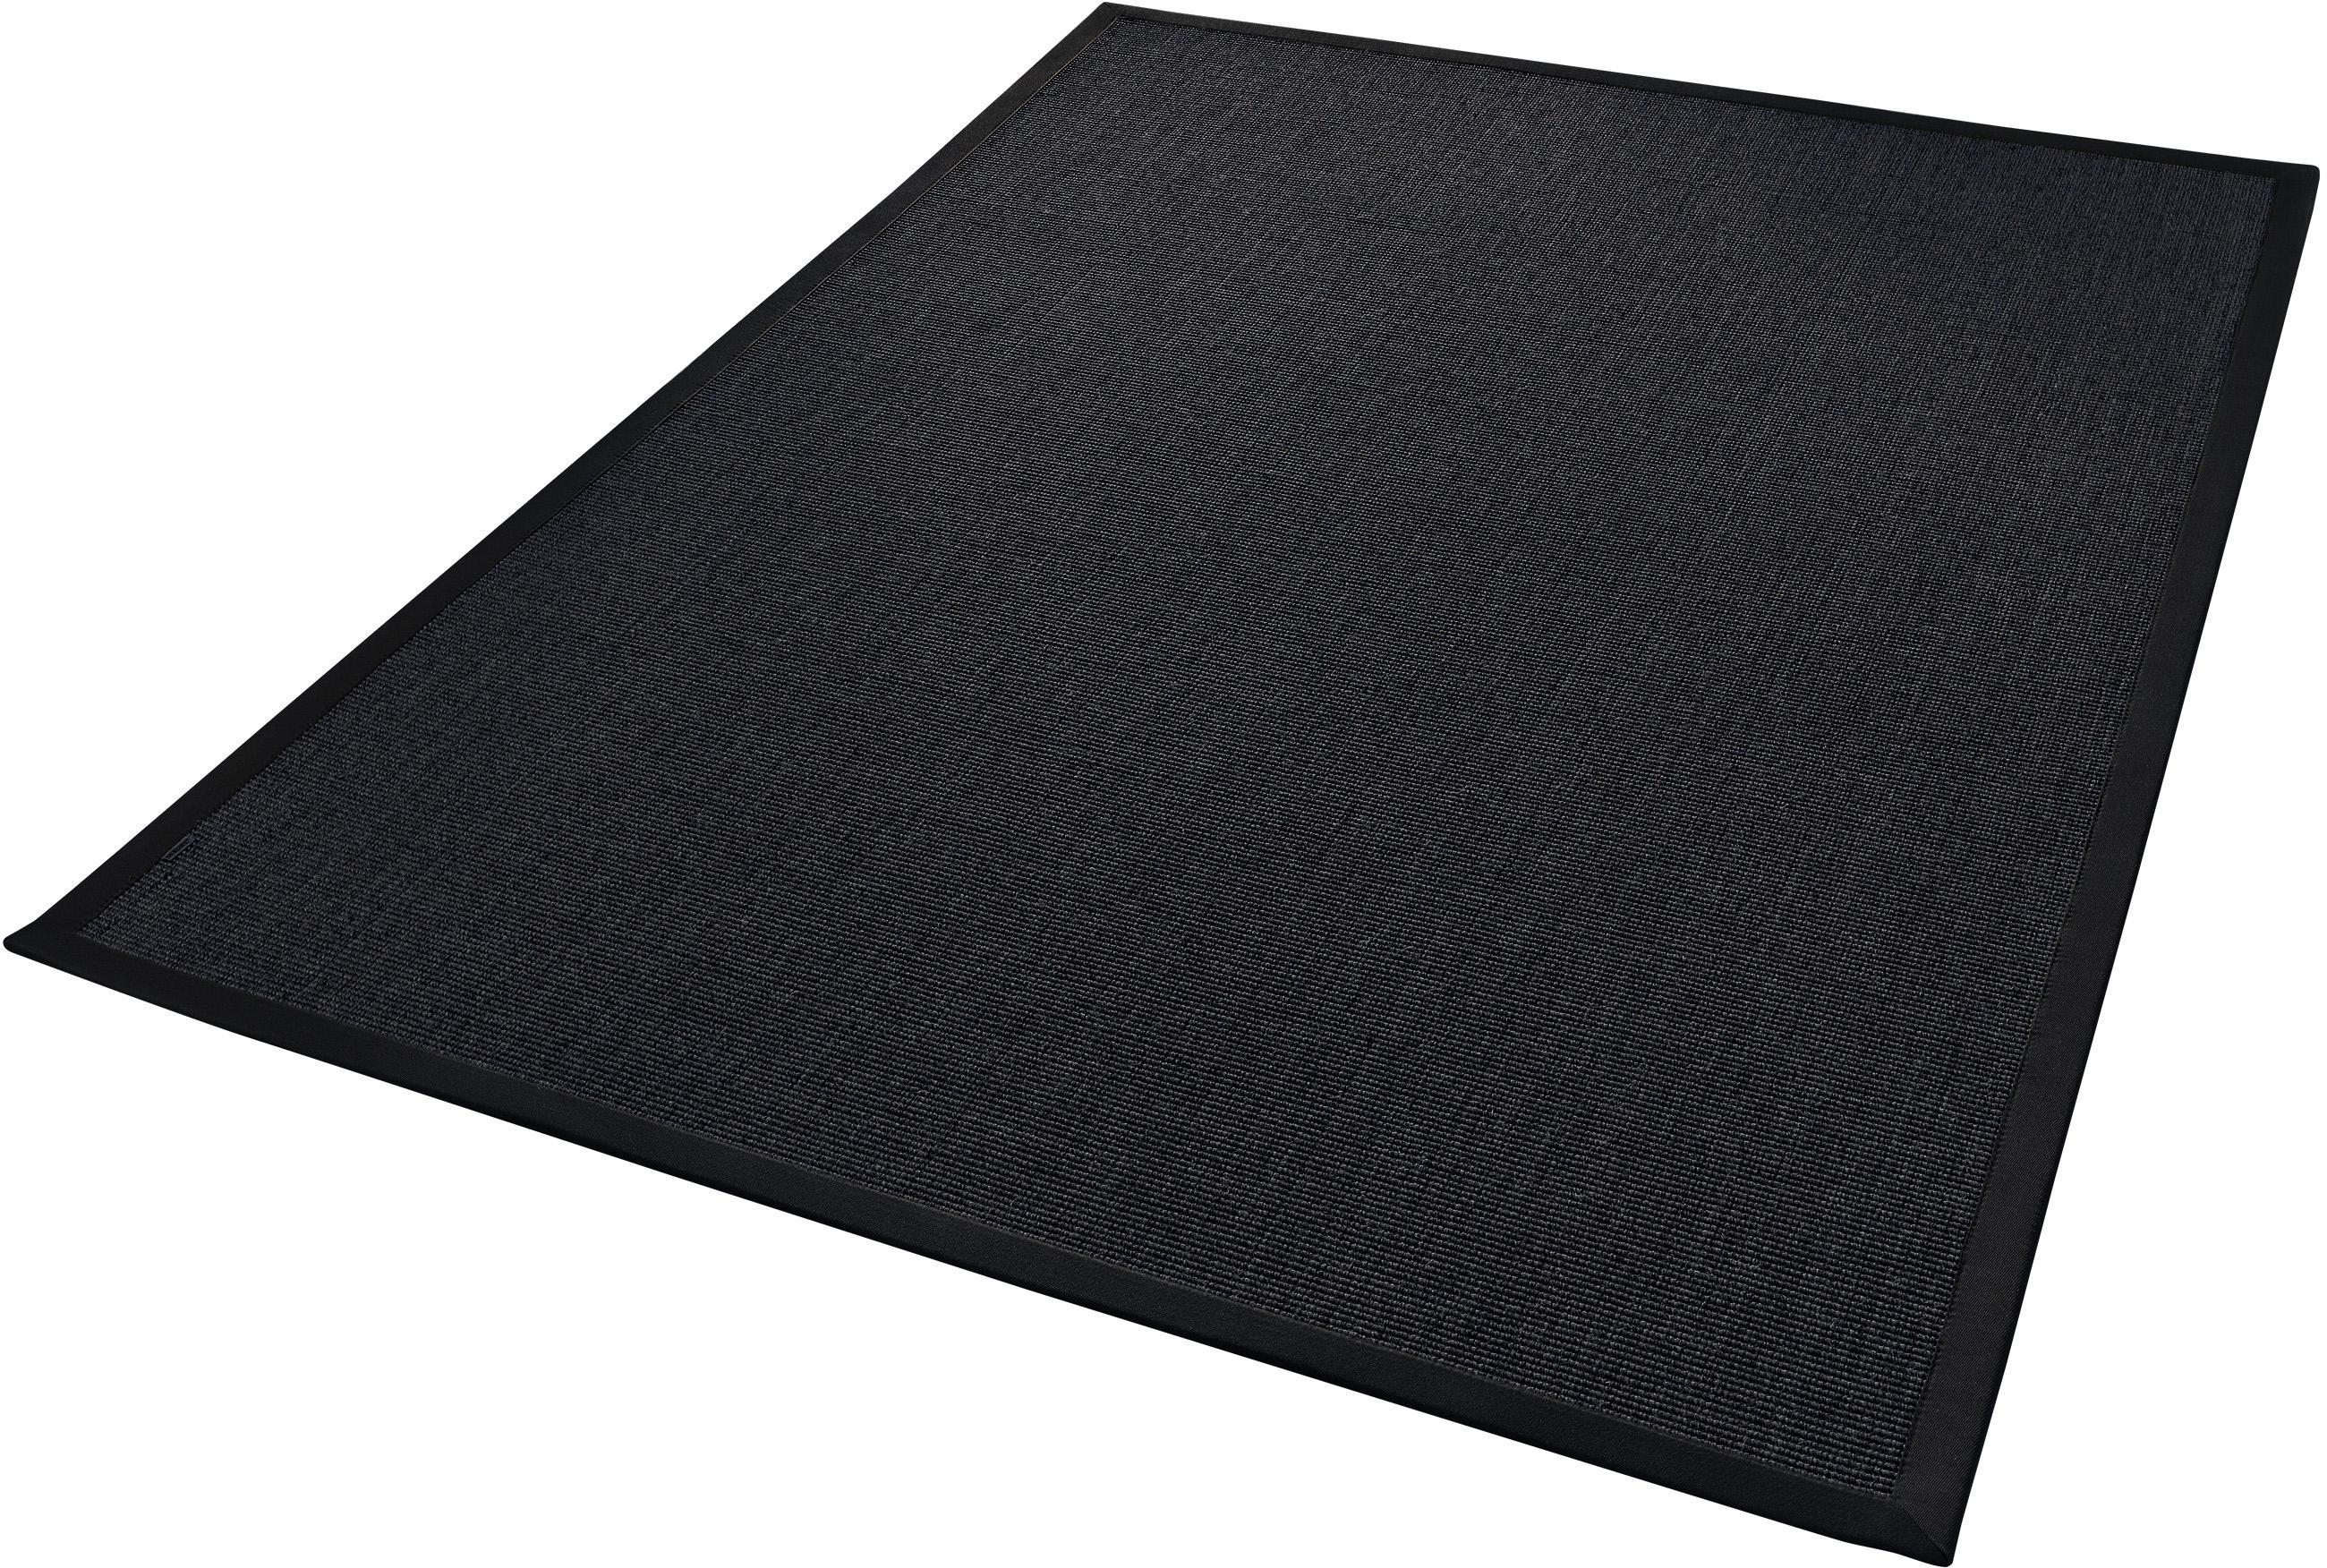 Dekowe Sisalteppich Mara S2, rechteckig, 5 mm Höhe, Flachgewebe, Obermateri günstig online kaufen